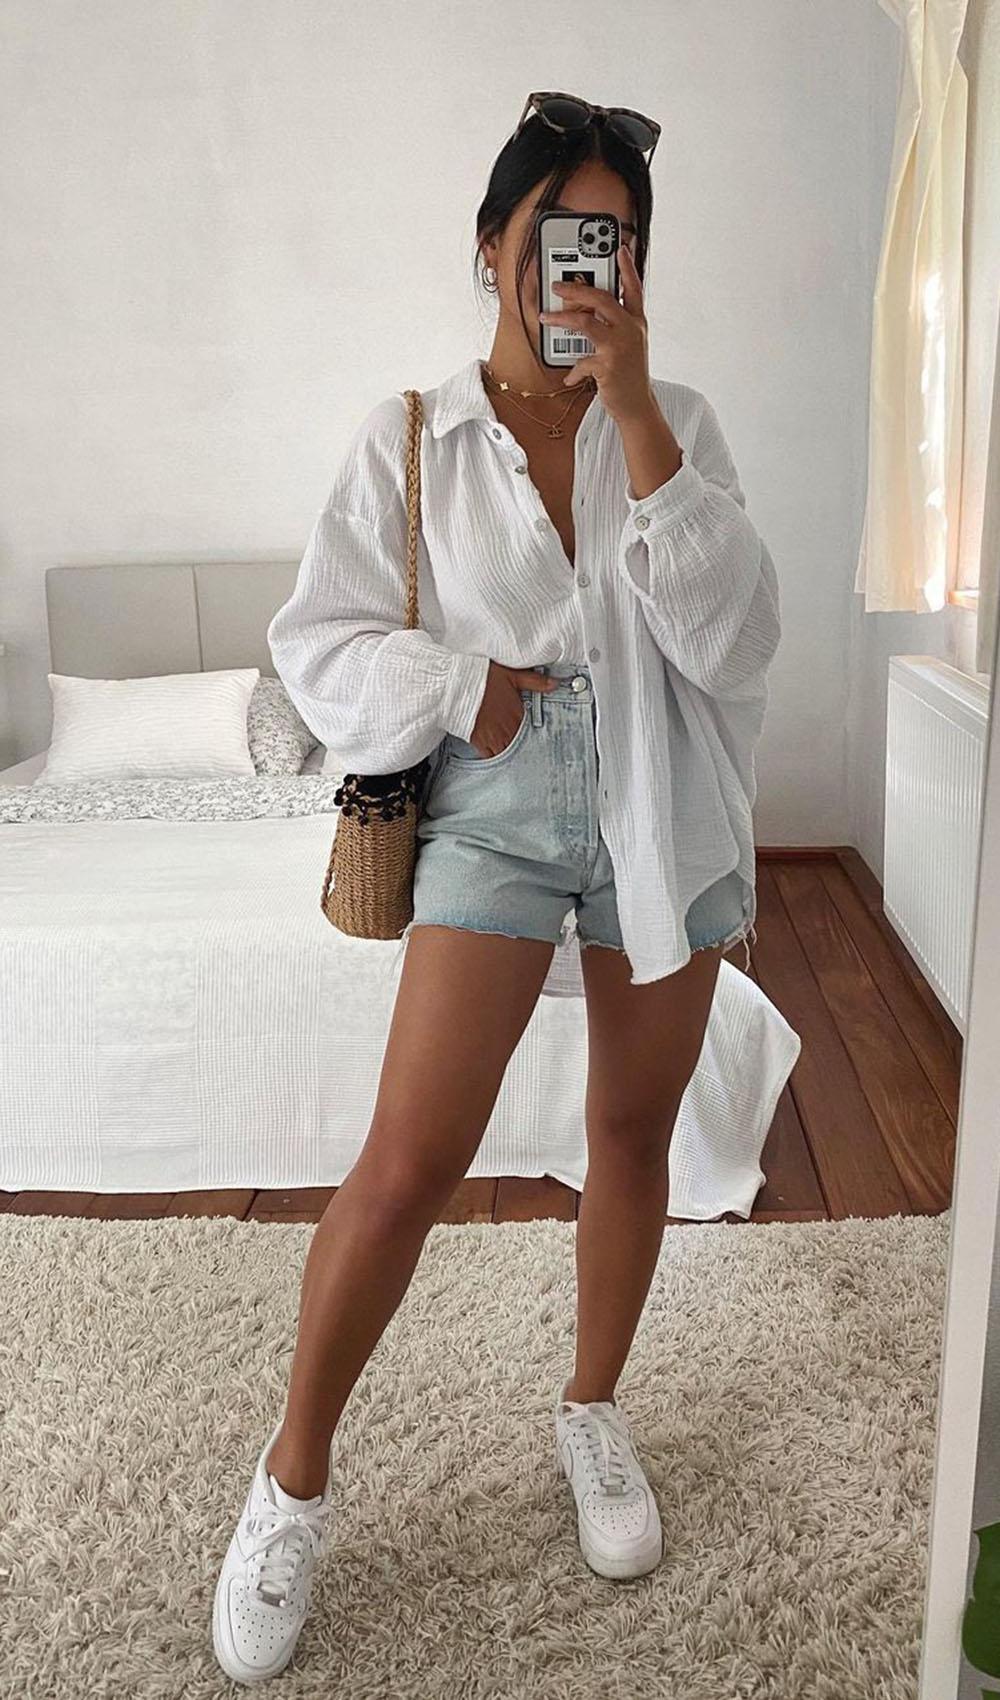 camisa social branca com shortinho jeans, tênis branco e bolsa de palha